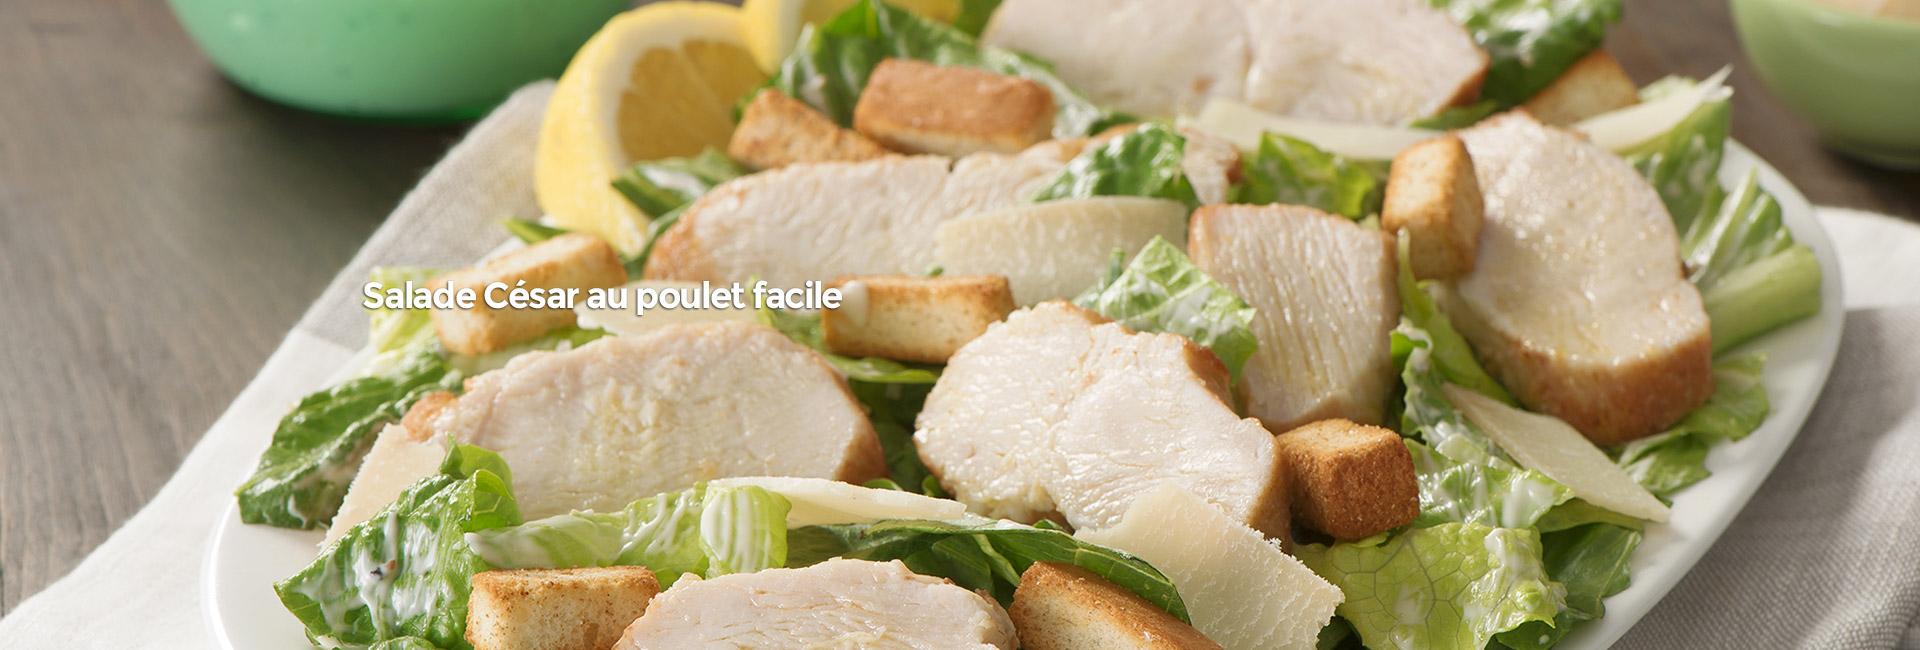 Salade César au poulet facile